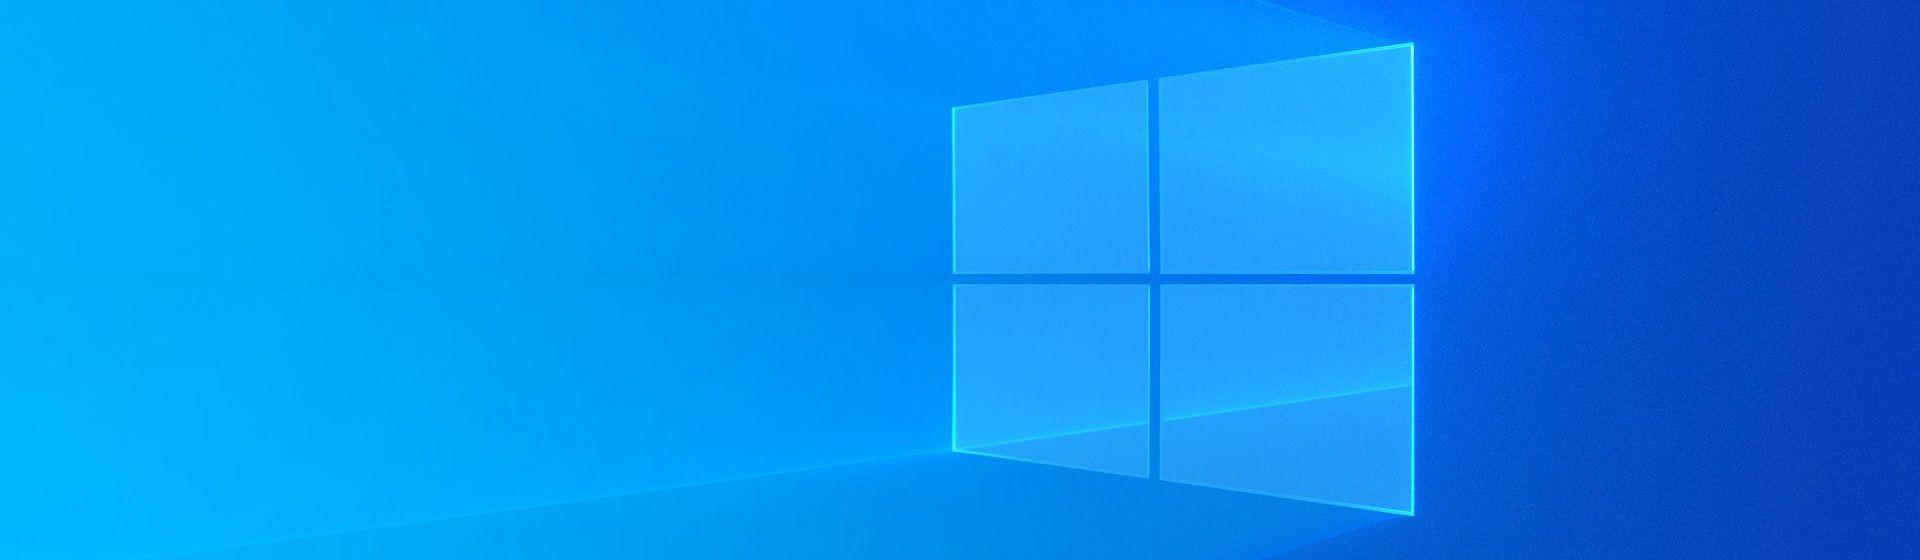 Como ver a versão do Windows? Descubra no passo a passo